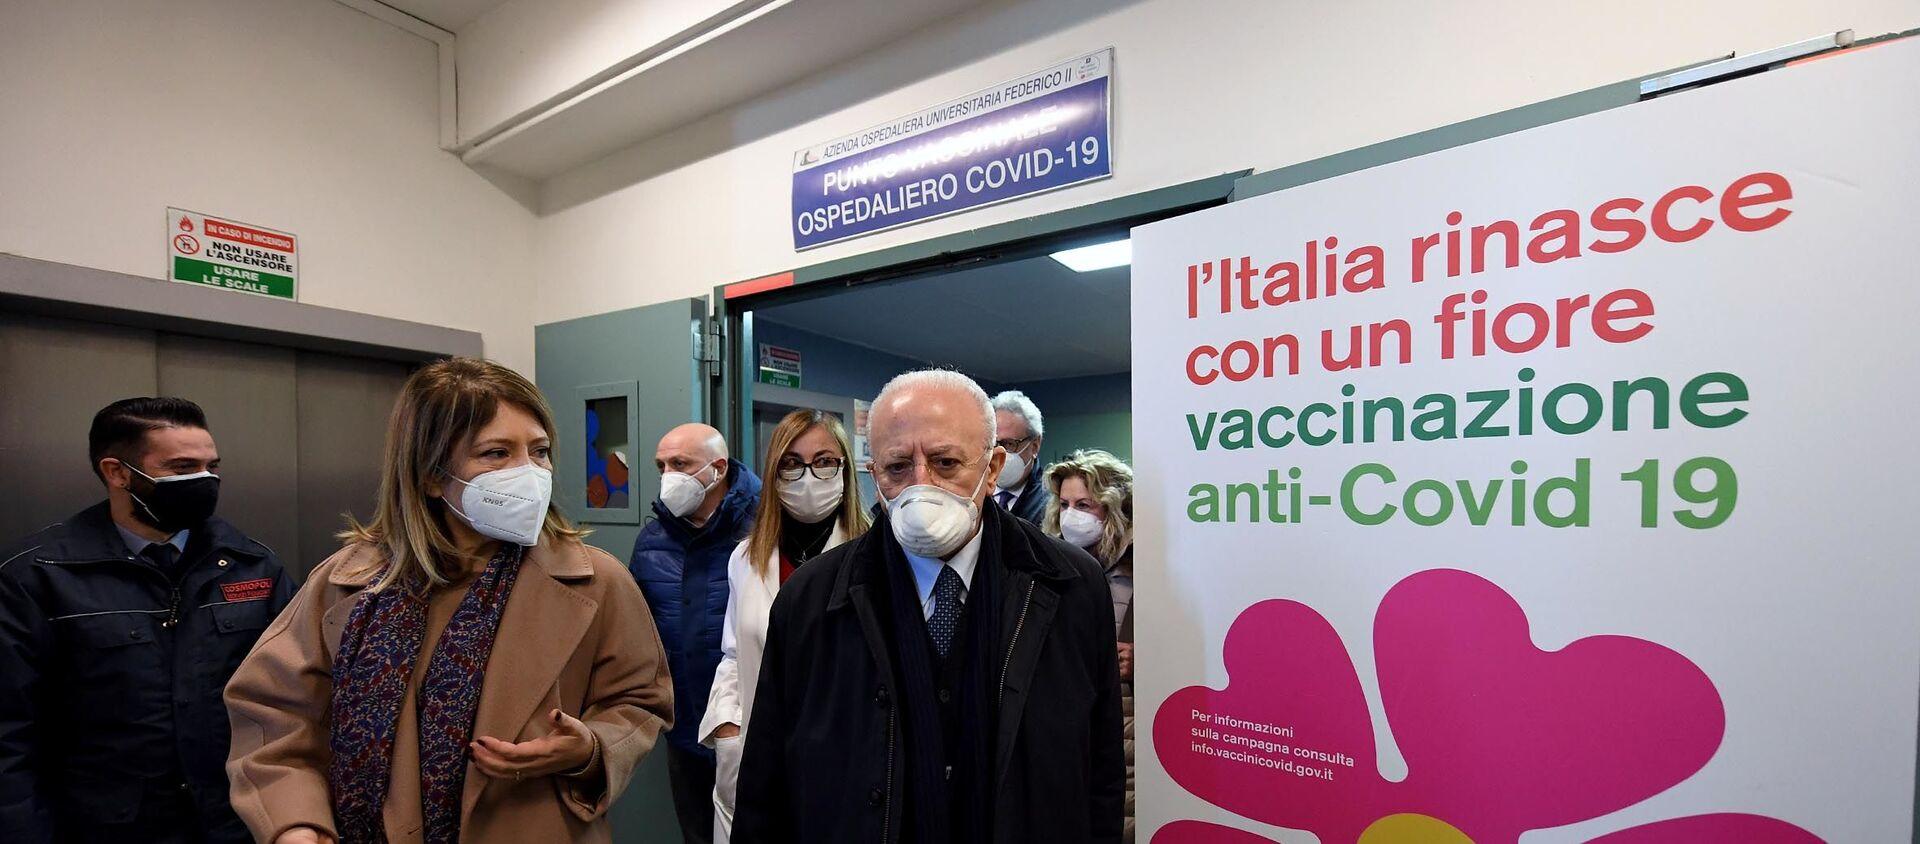 18/01/2021 - Il Presidente De Luca all'apertura del punto vaccinale del Policlinico universitario Federico II - Sputnik Italia, 1920, 25.03.2021